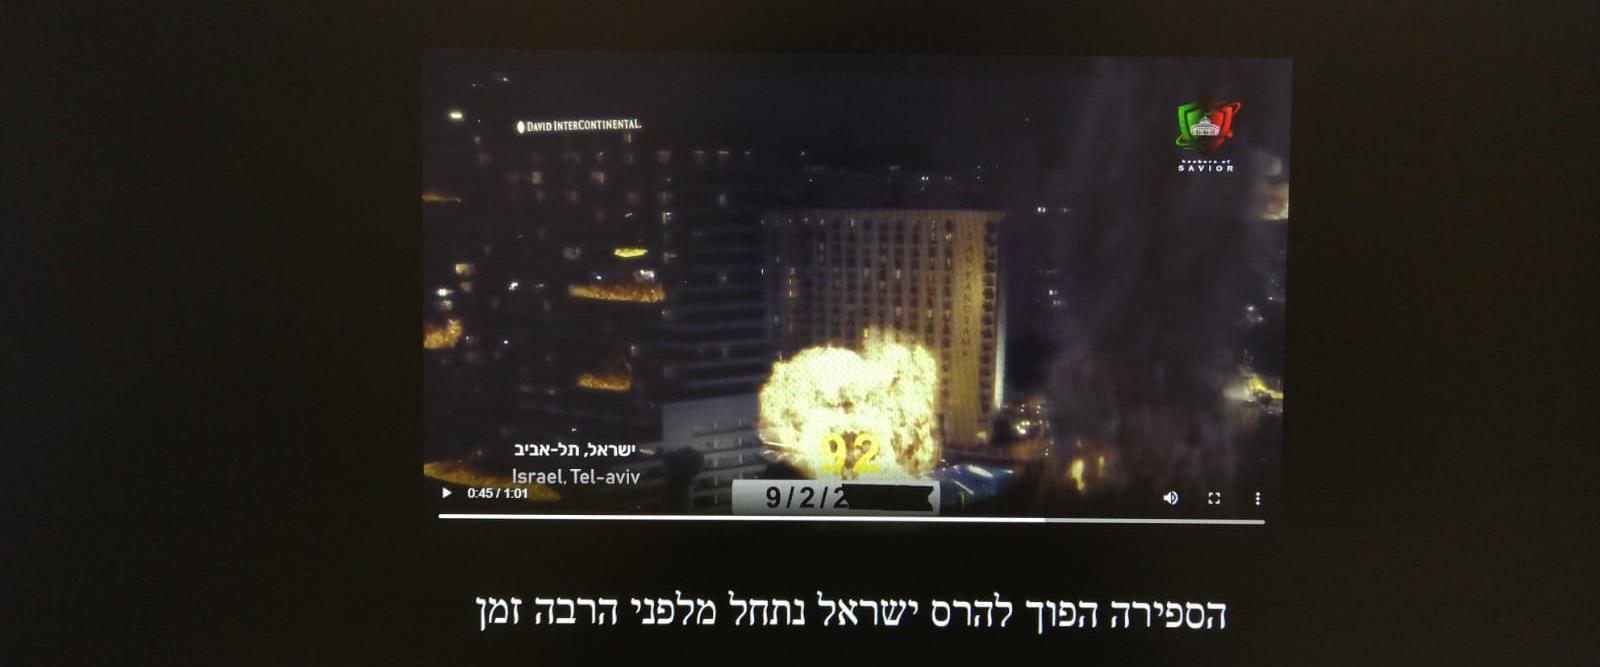 עמוד הבית הוחלף בסרטון של הפצצת תל אביב